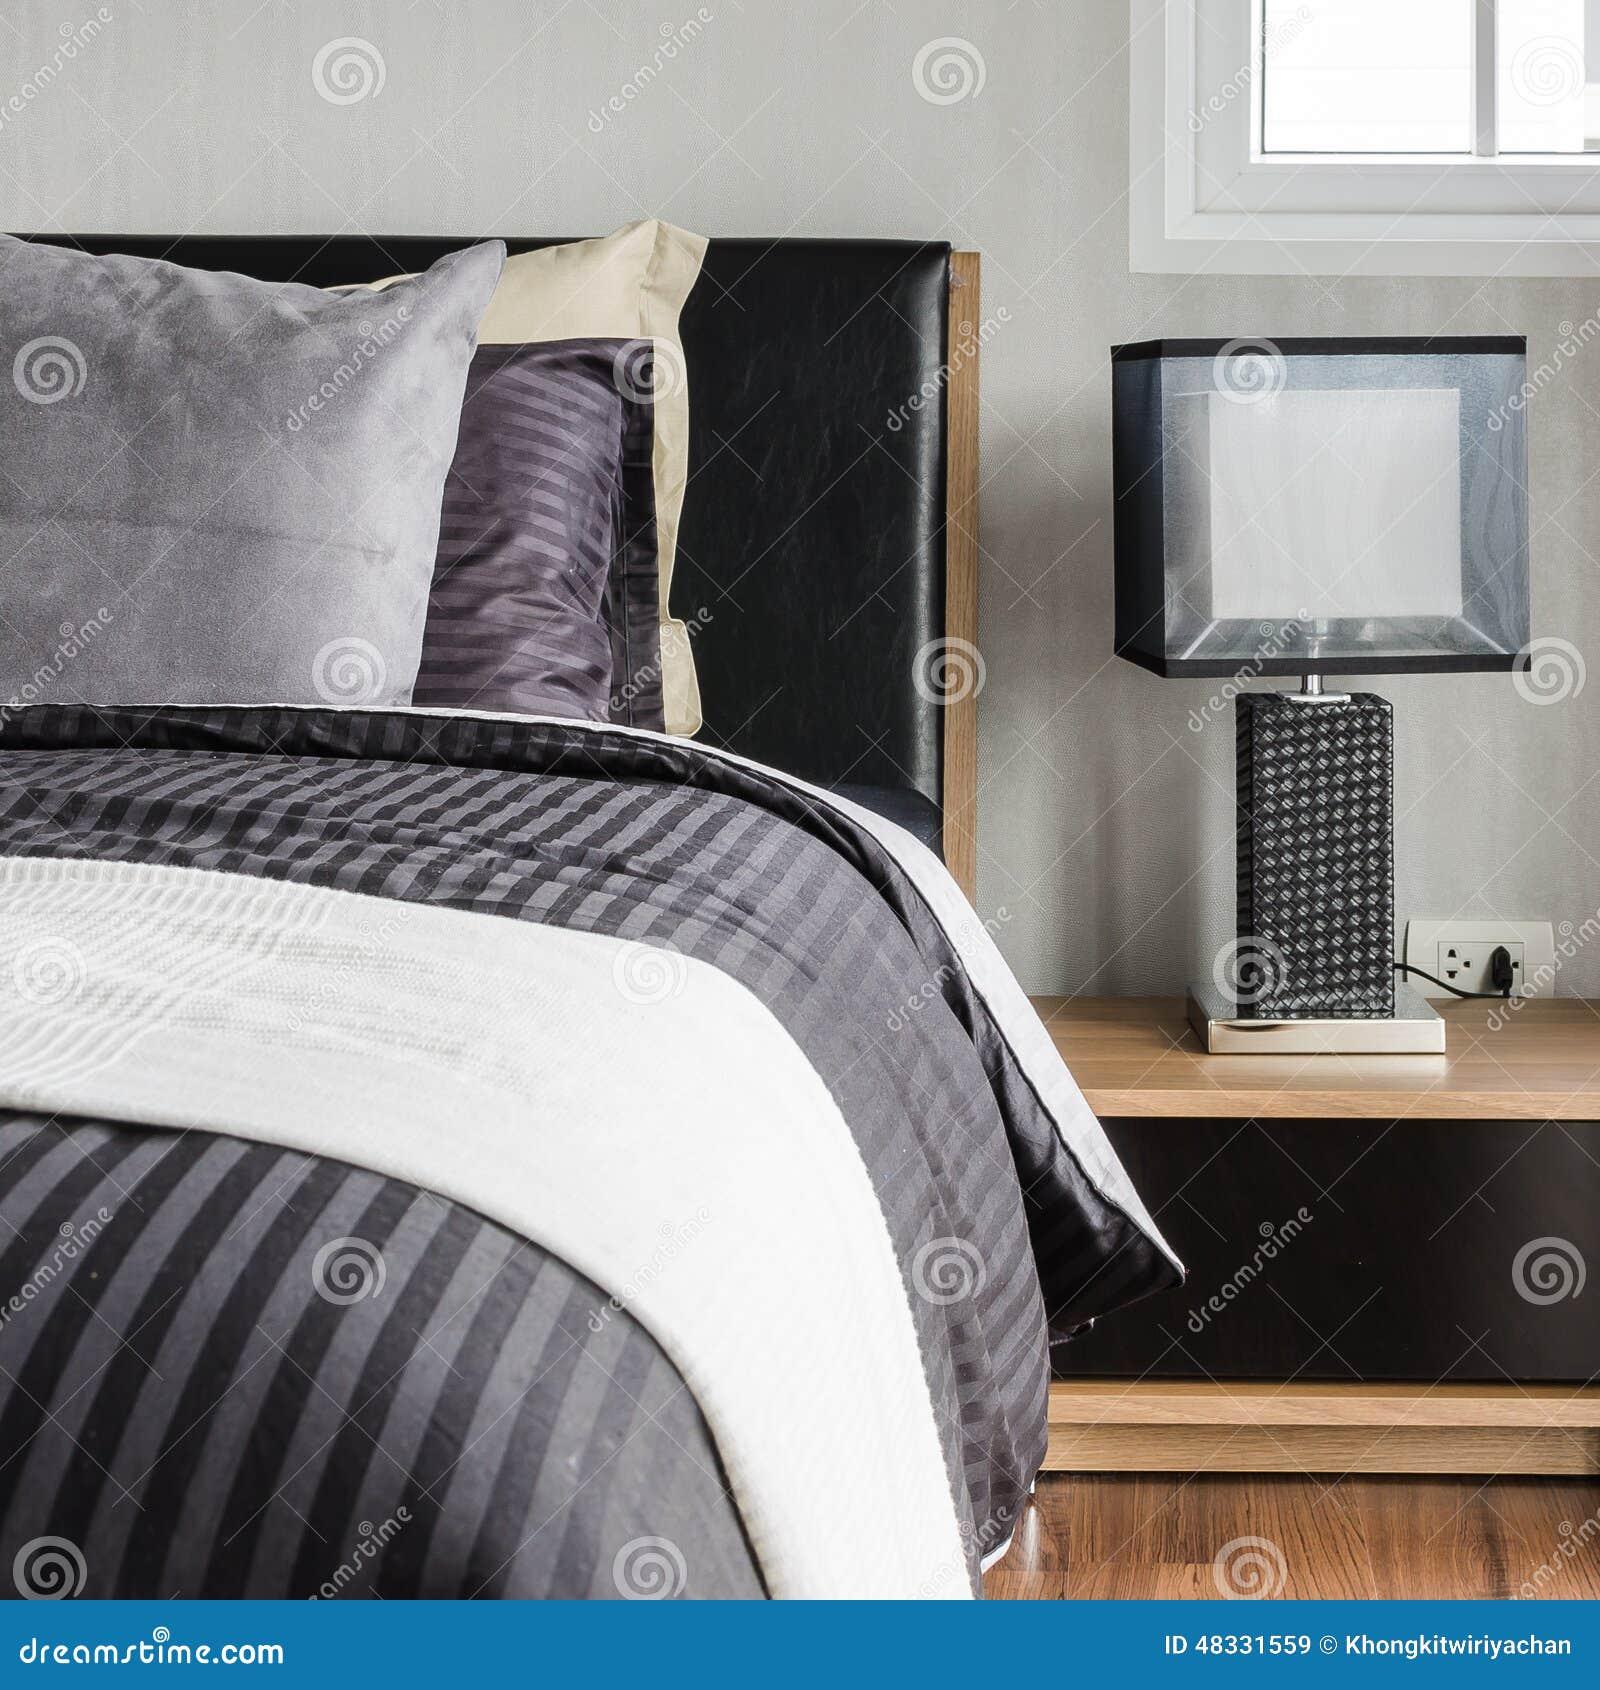 Modernes Graues Schlafzimmer Mit Kissen Auf Bett